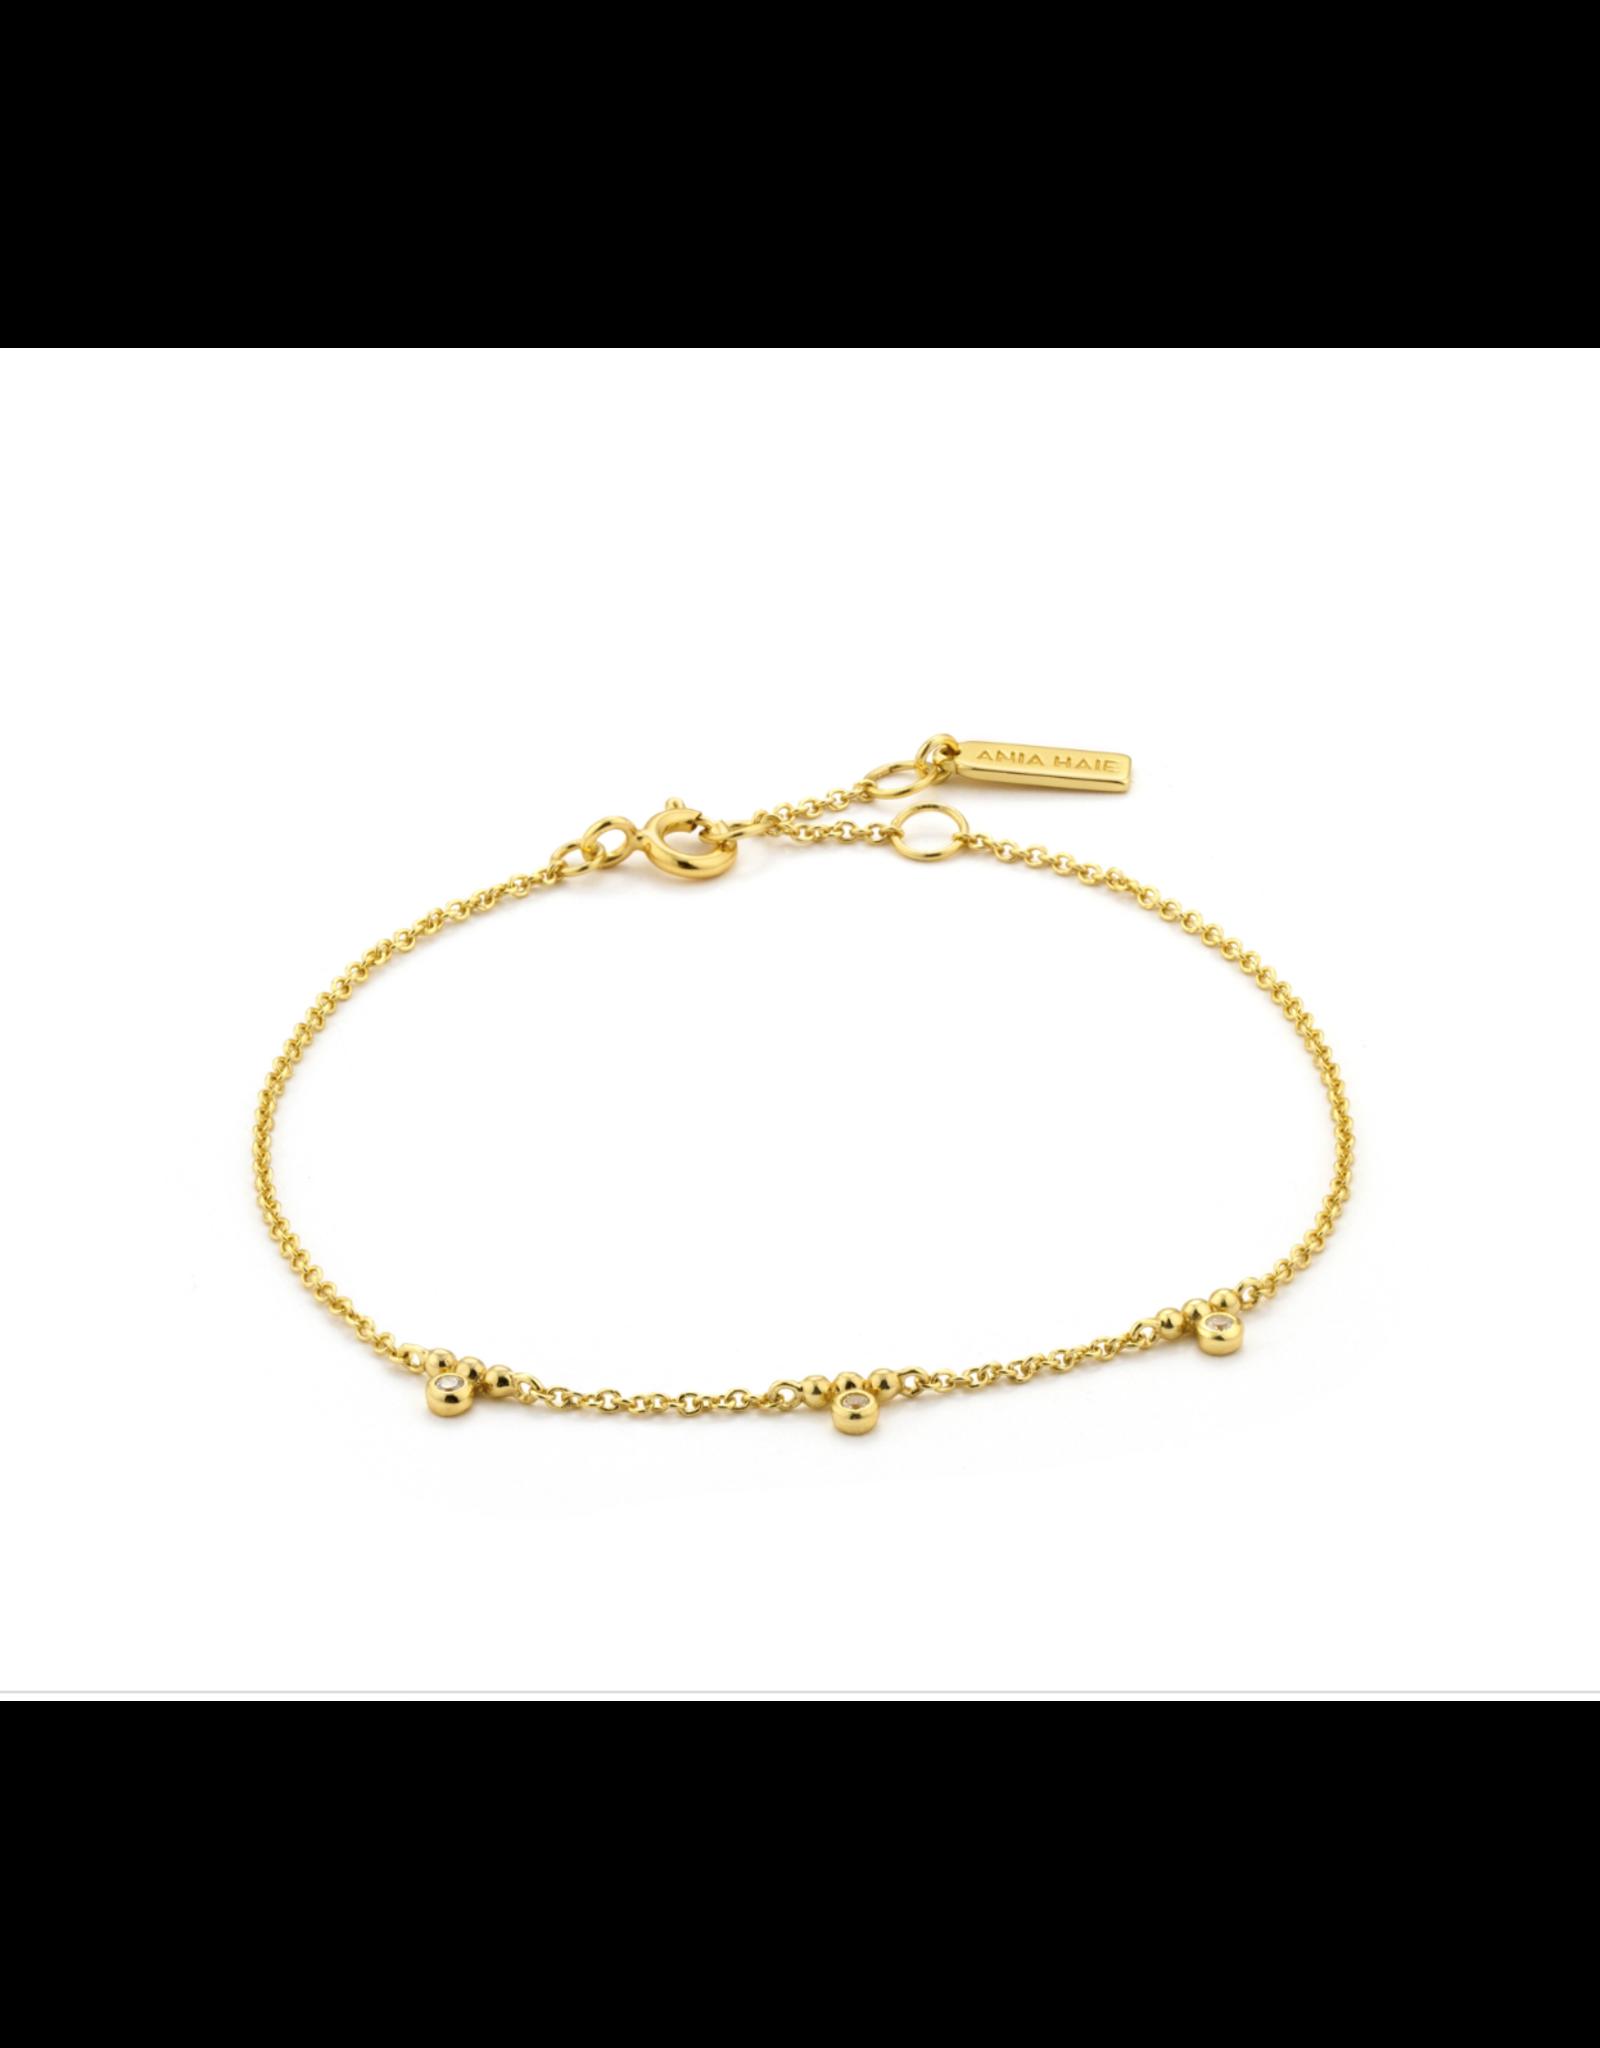 Ania Haie Shimmer Triple Stud Bracelet, gold